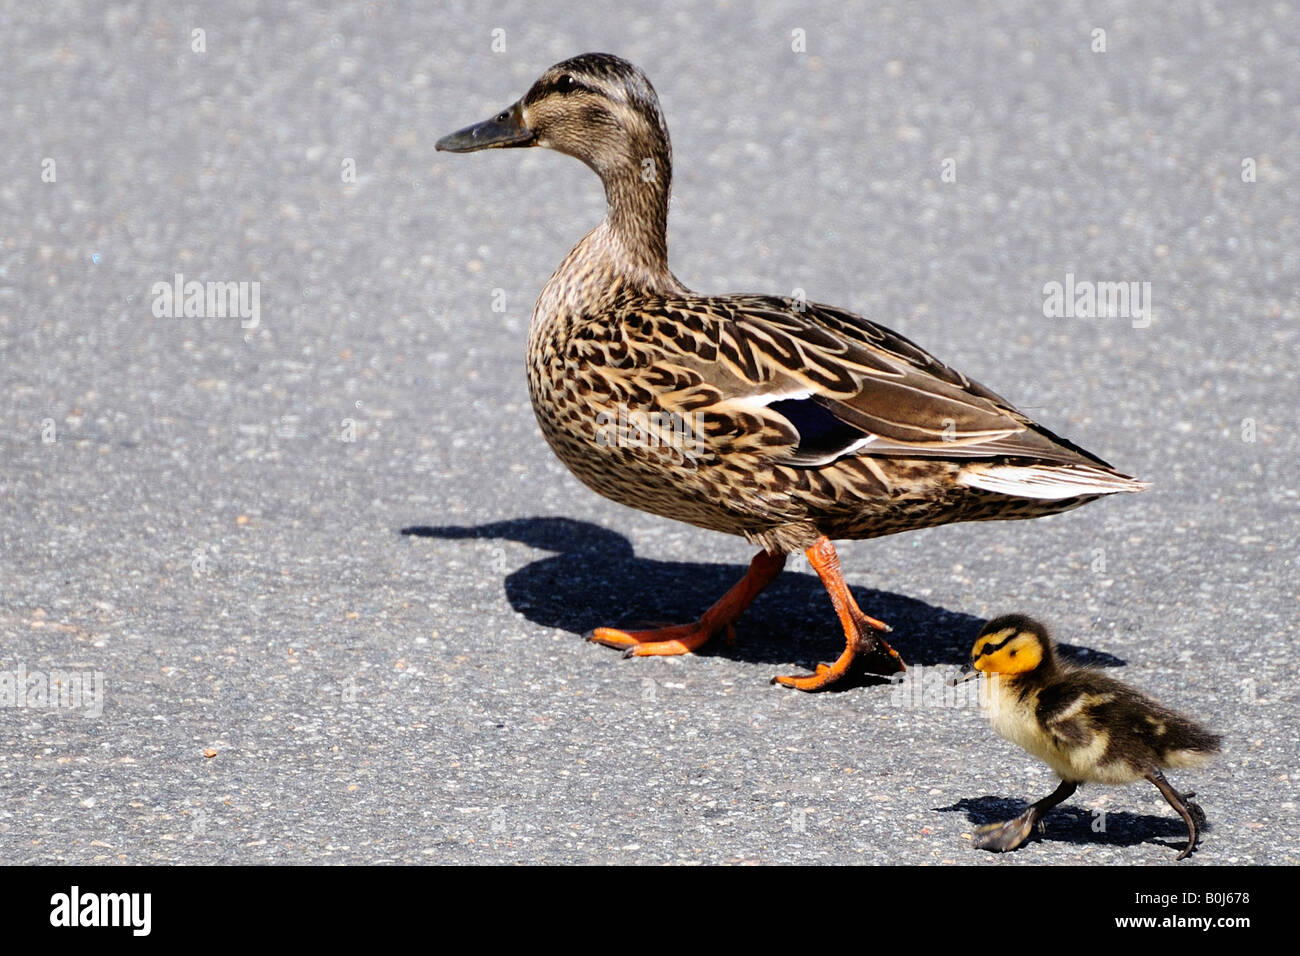 Mallard hen duck walking followed by baby duckling - Stock Image